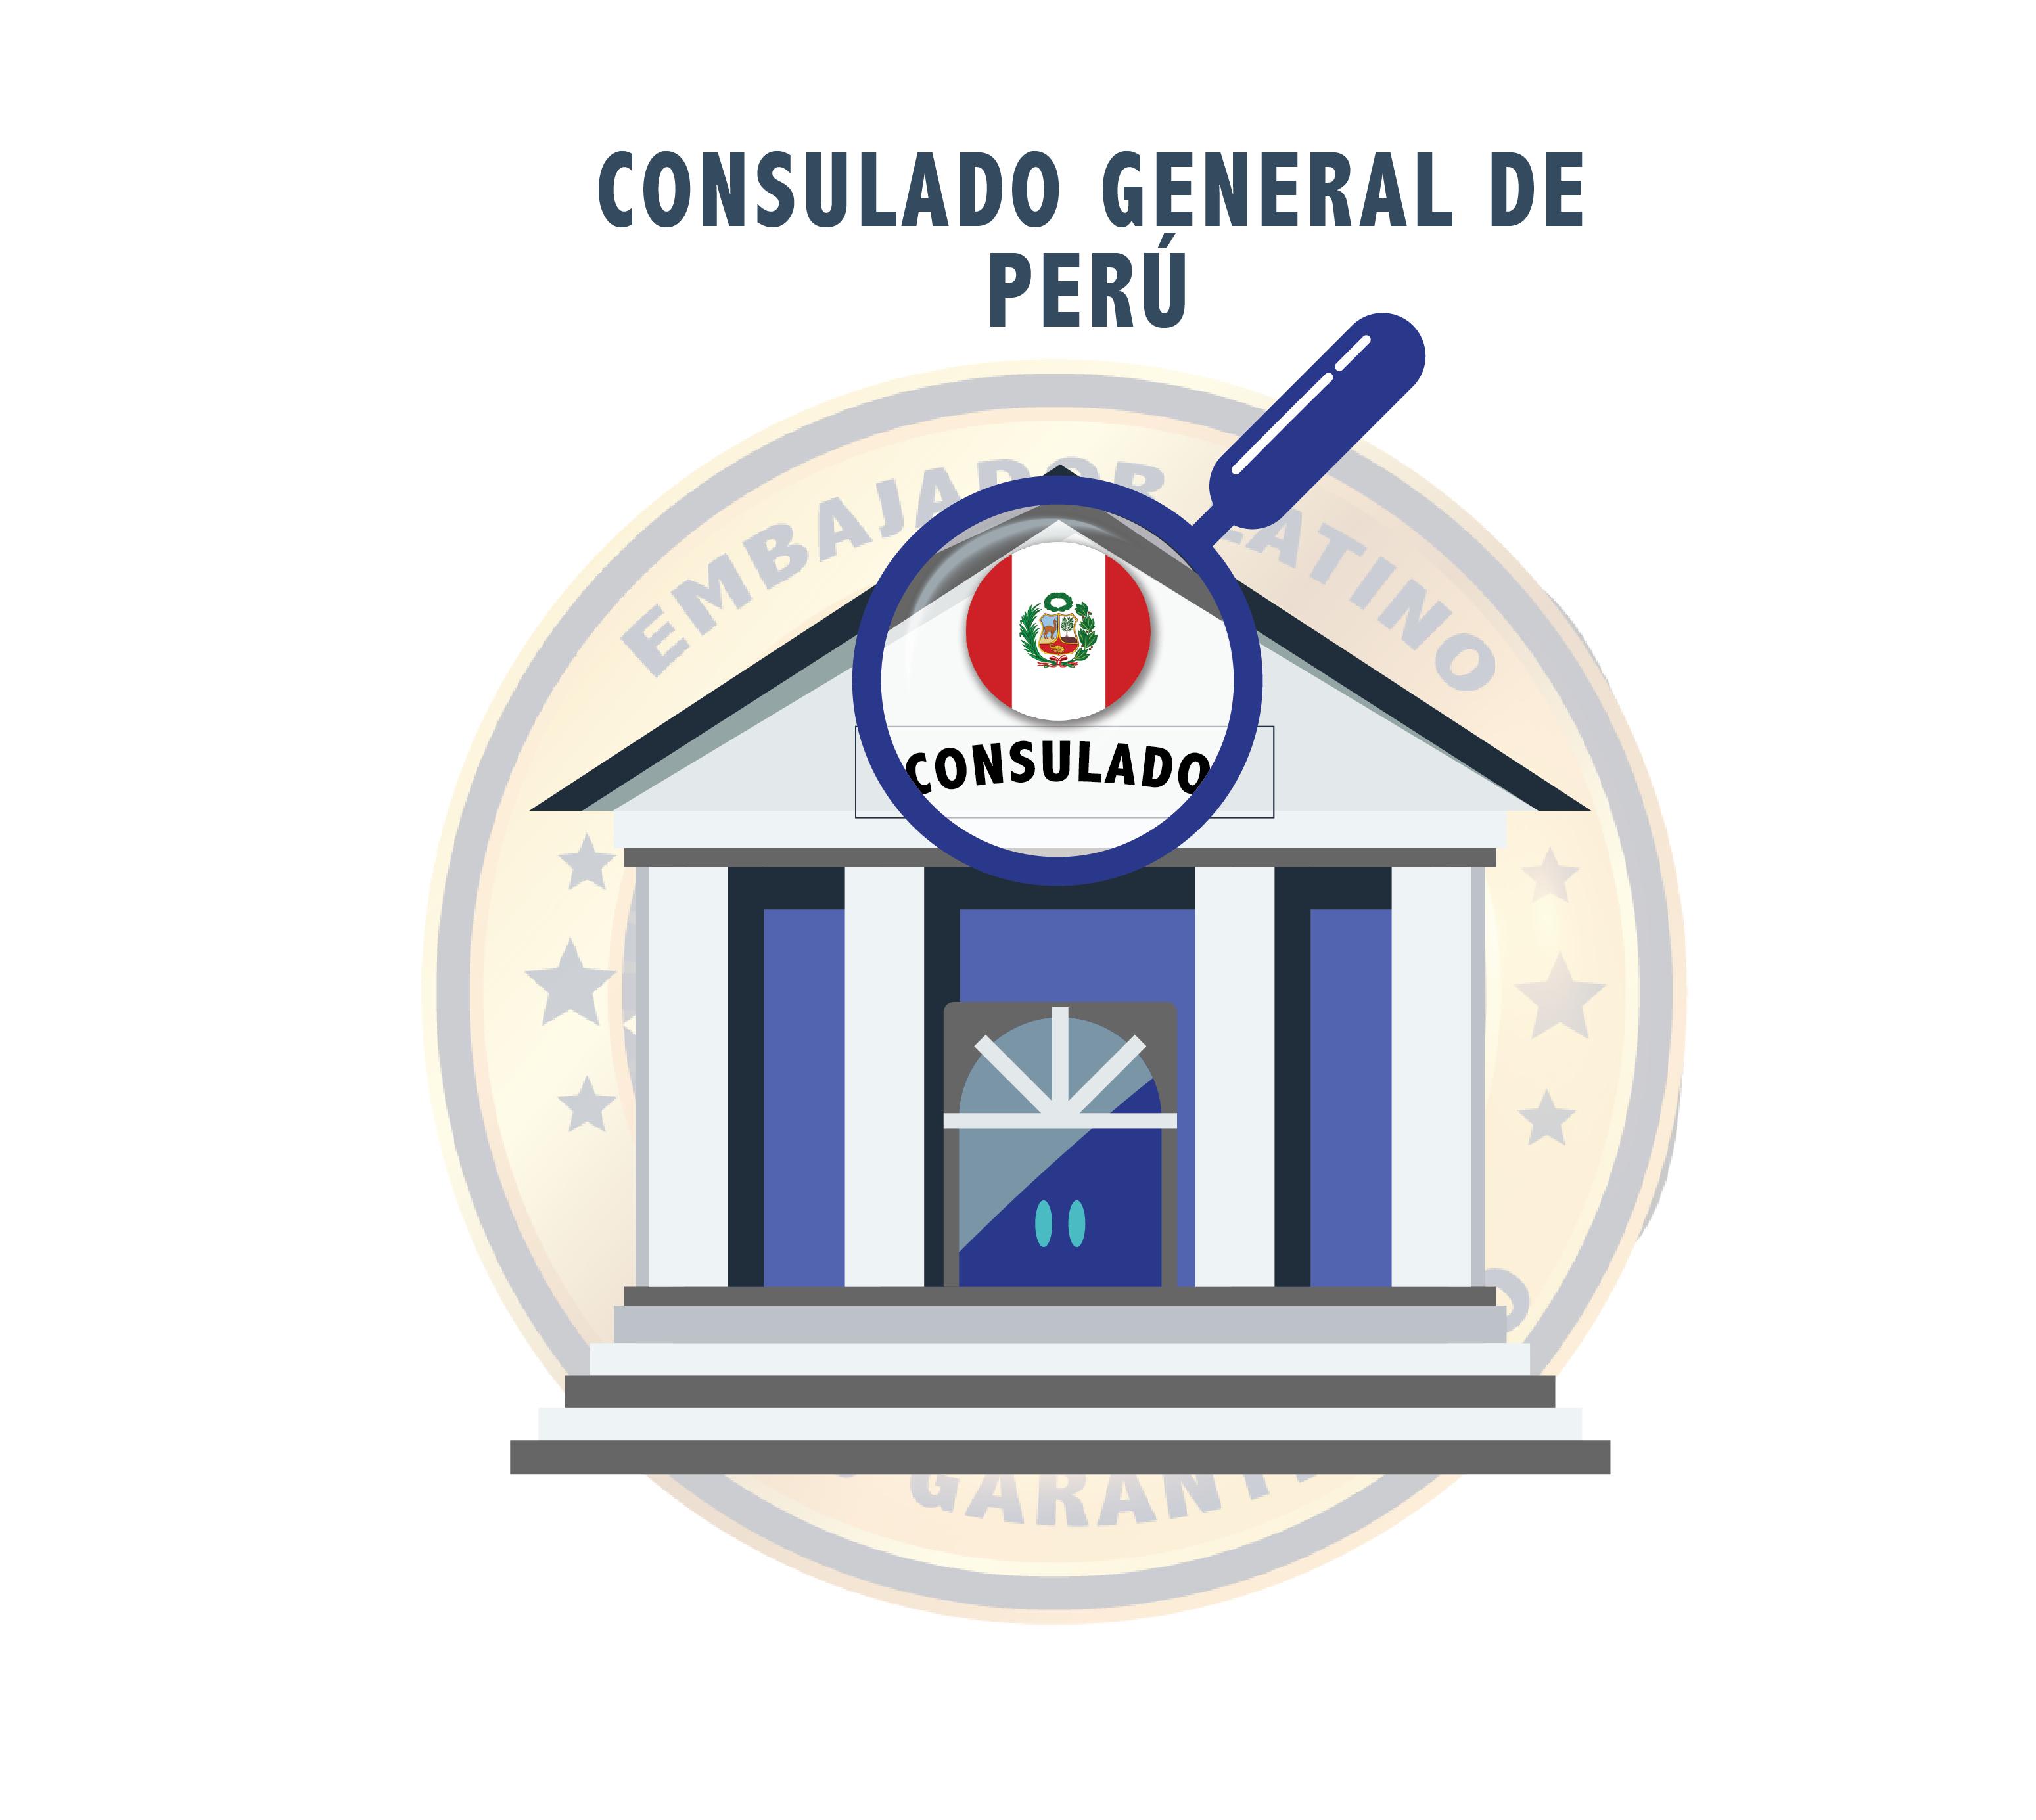 Consulate General of Peru